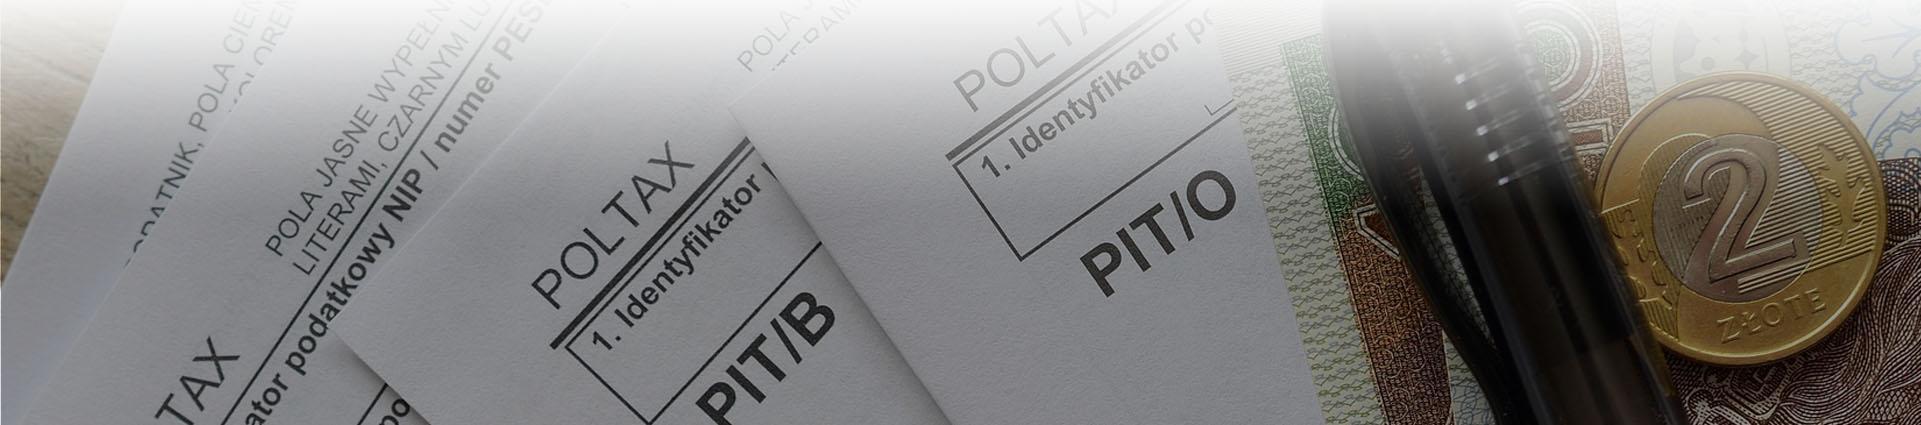 rozliczenie PIT-ów, moneta, banknot